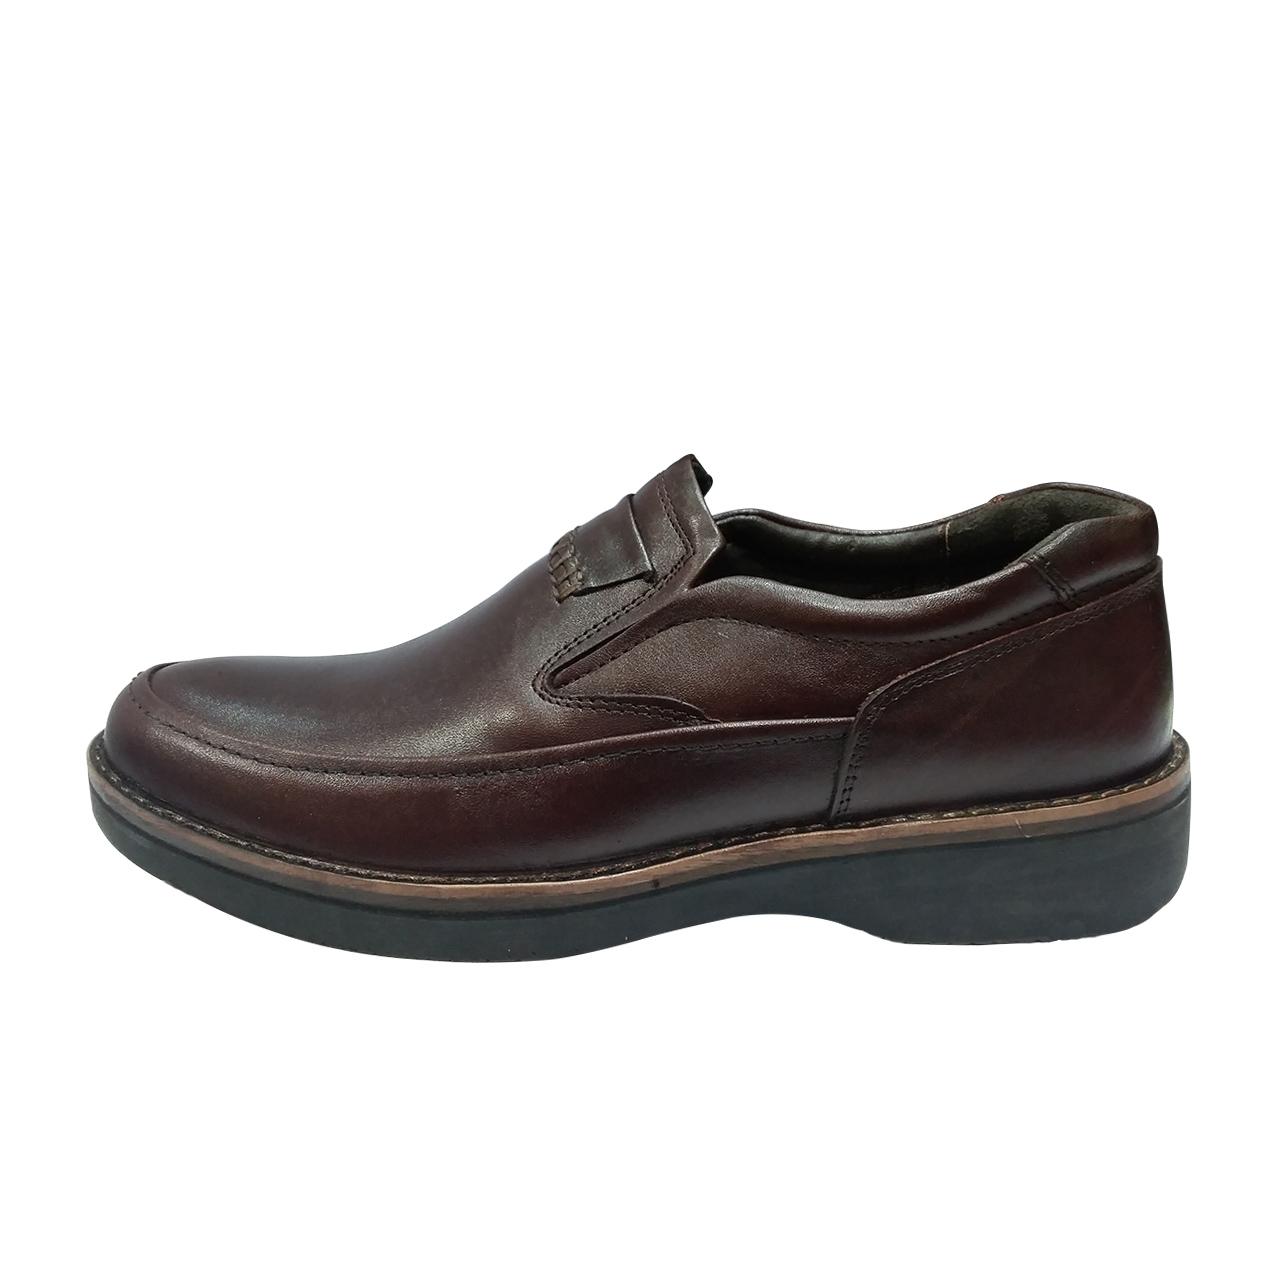 کفش طبی مردانه توگو مدل فاخر کد 02